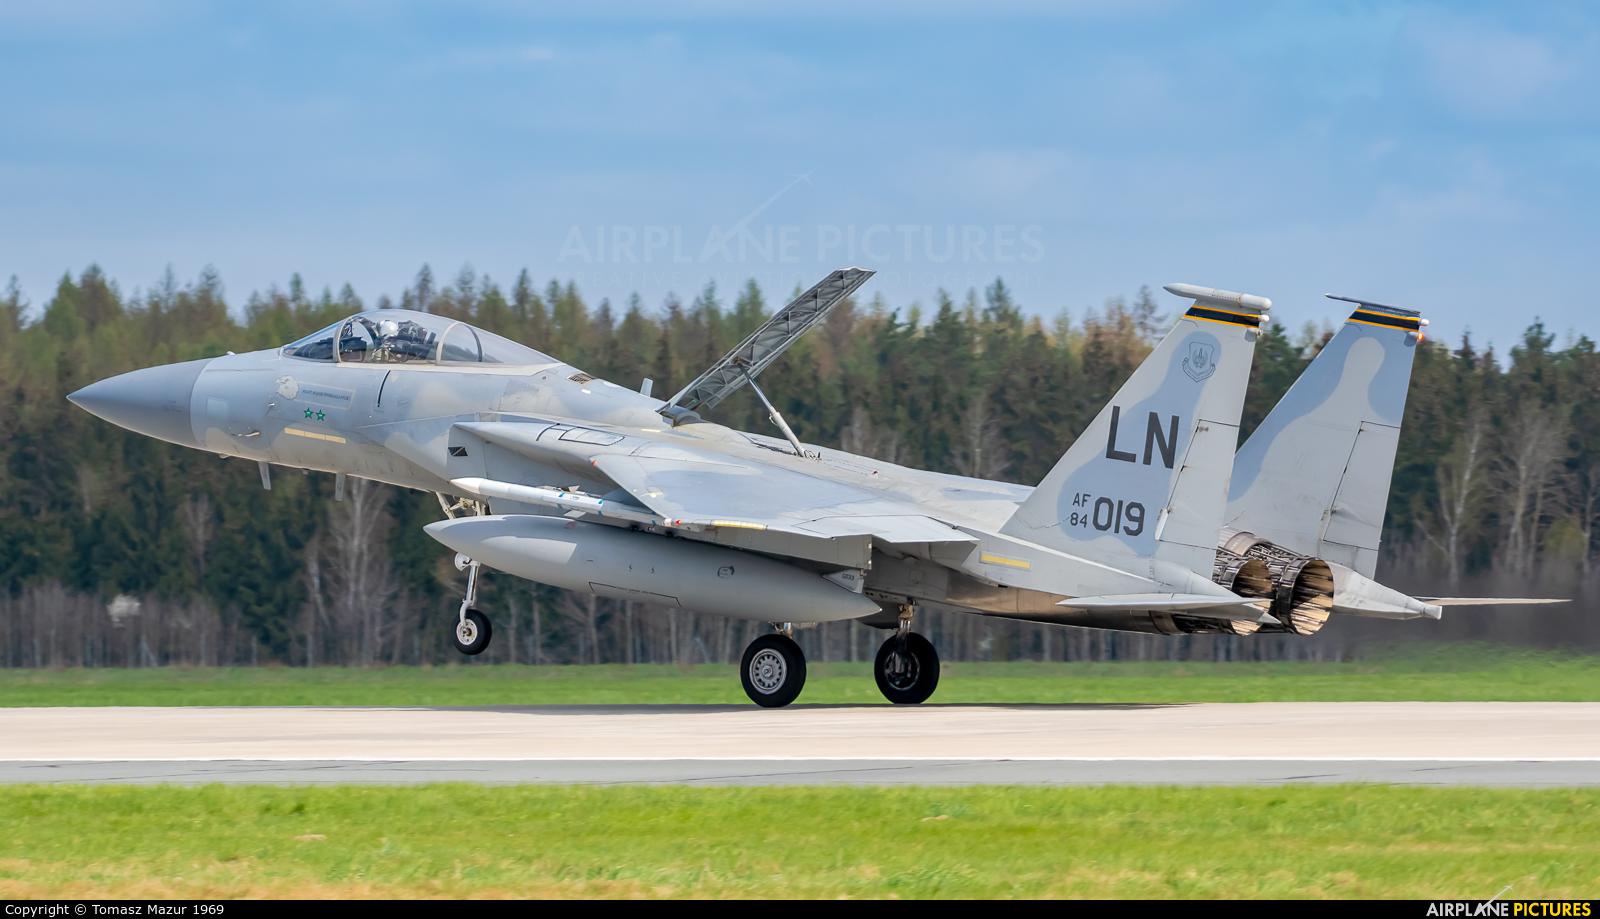 USA - Air Force 84-0019 aircraft at Poznań - Krzesiny